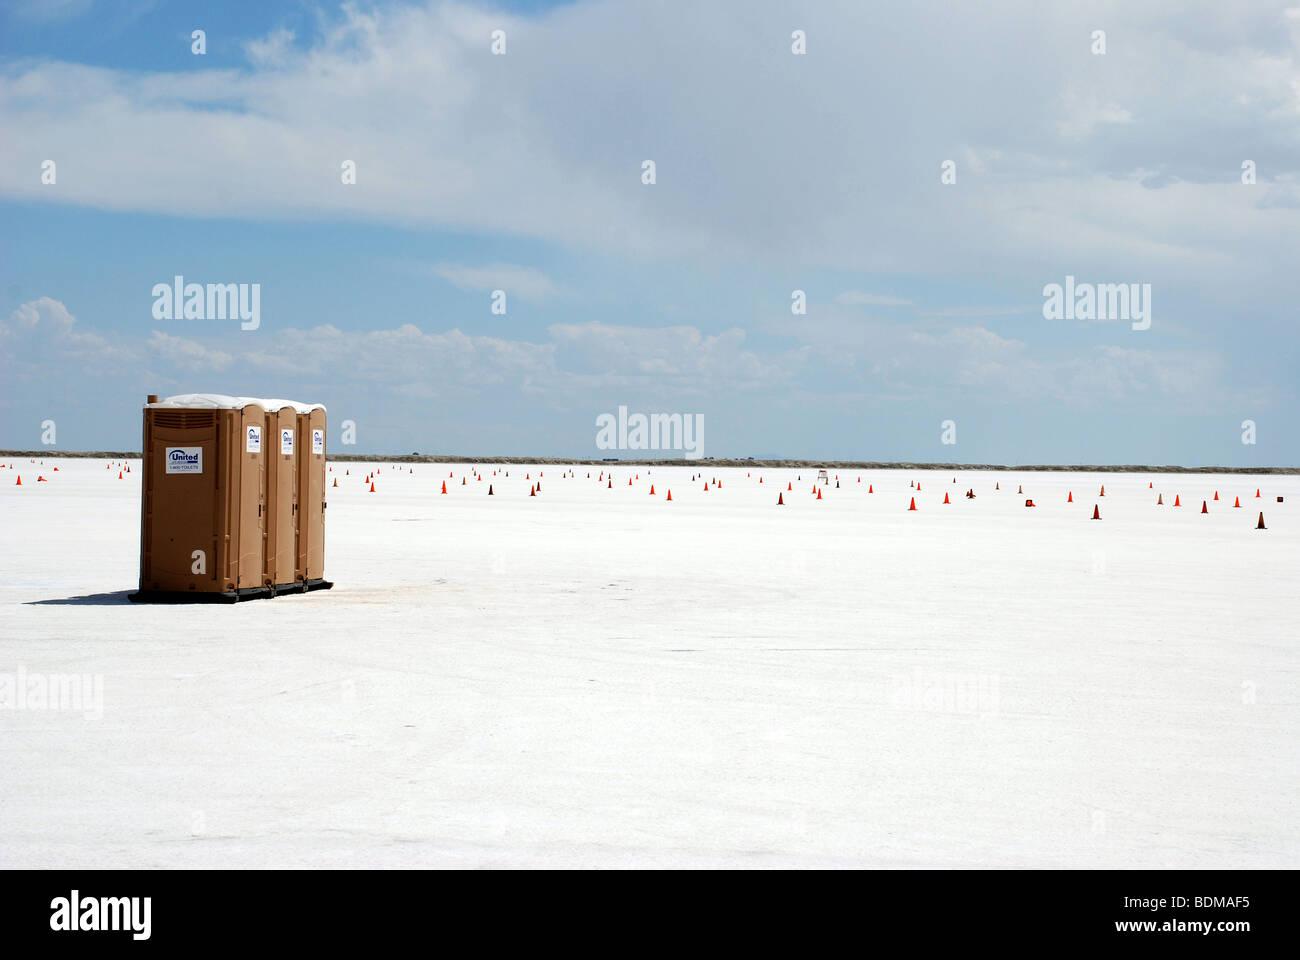 Bonneville Salt Flats, en Utah, EE.UU. Imagen De Stock